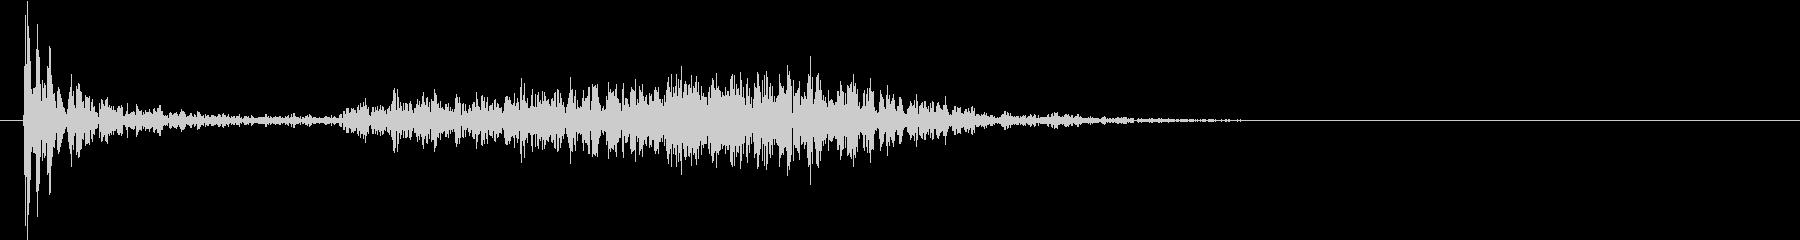 【生録音】ペンで書く音 机 14の未再生の波形